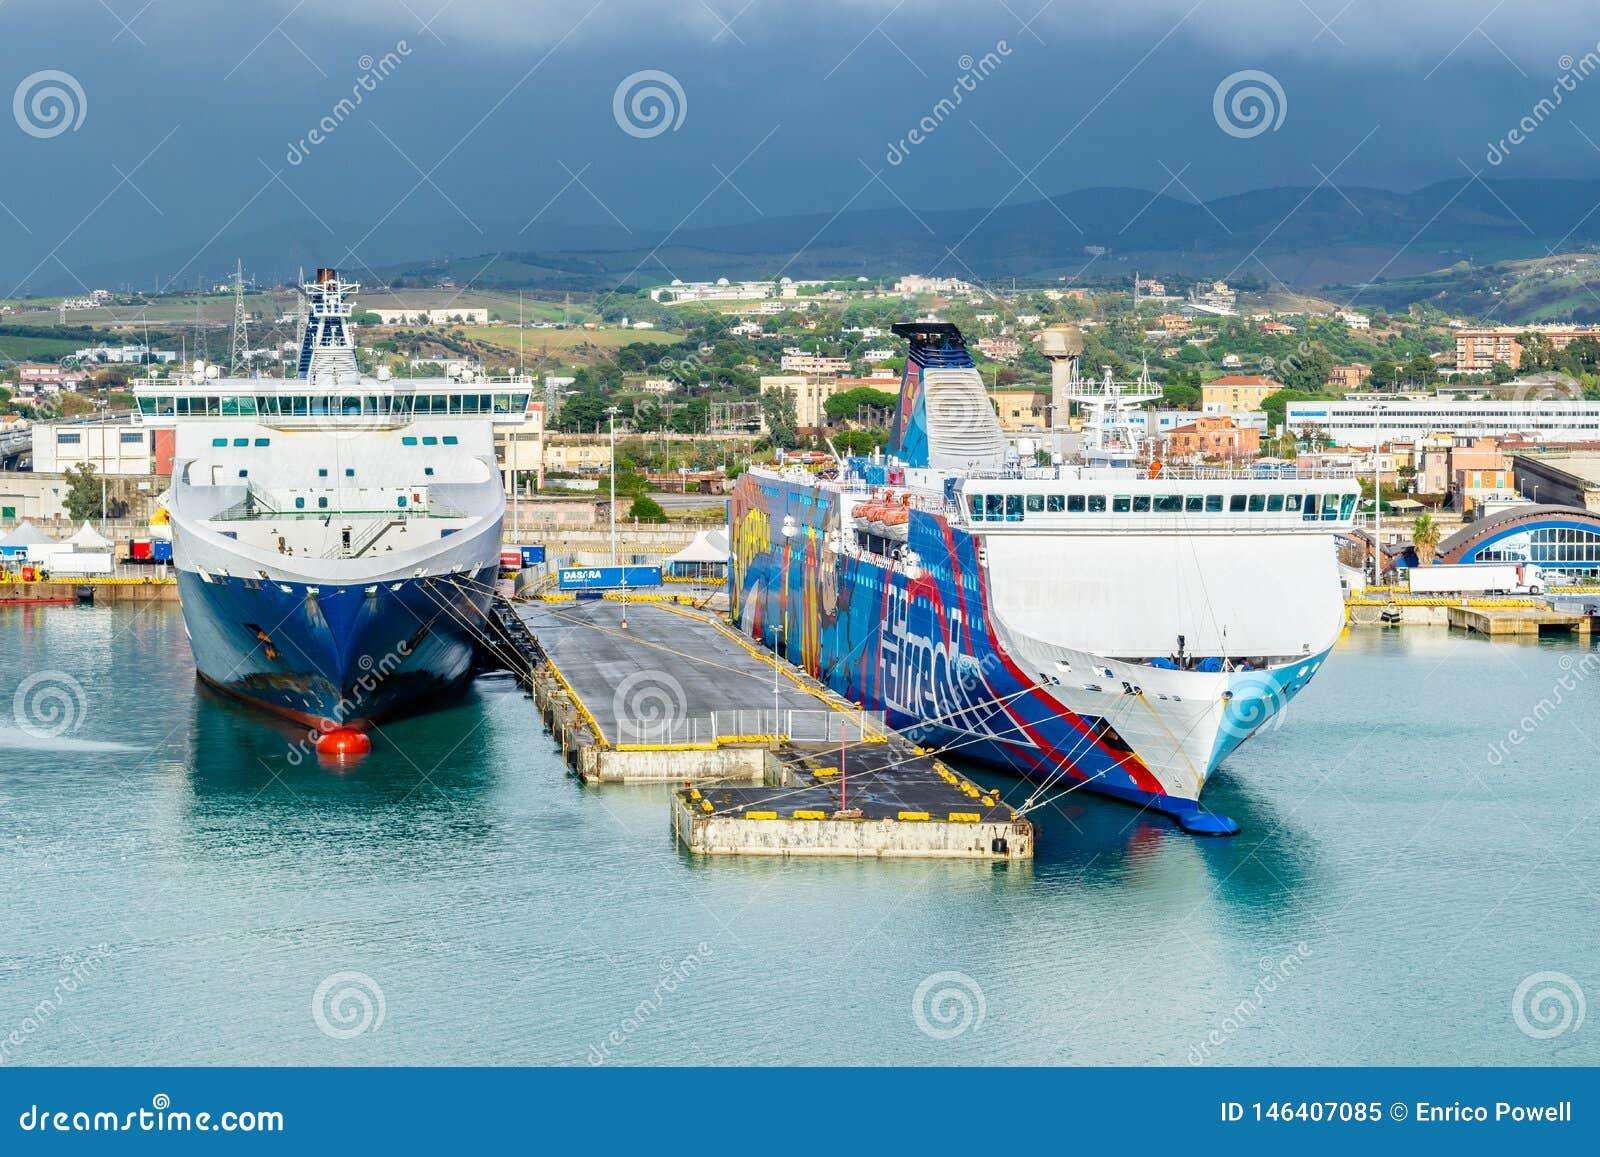 Balsas das linhas e do Tirrenia Athara de Grimaldi no porto de Civitavecchia, Roma